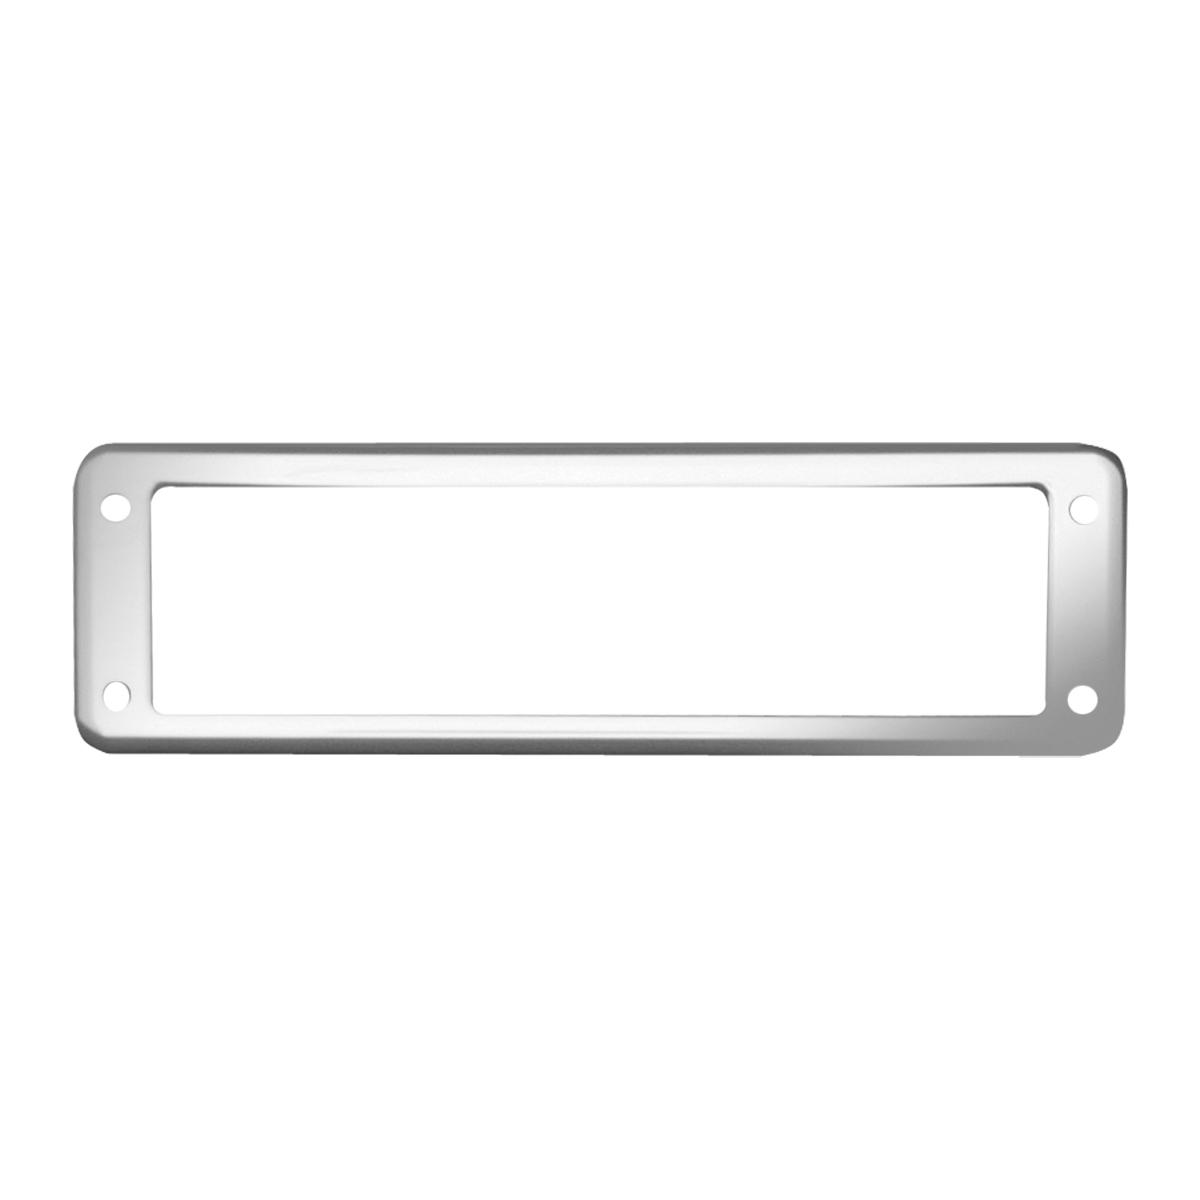 69004 Overhead Pocket Bezel for International